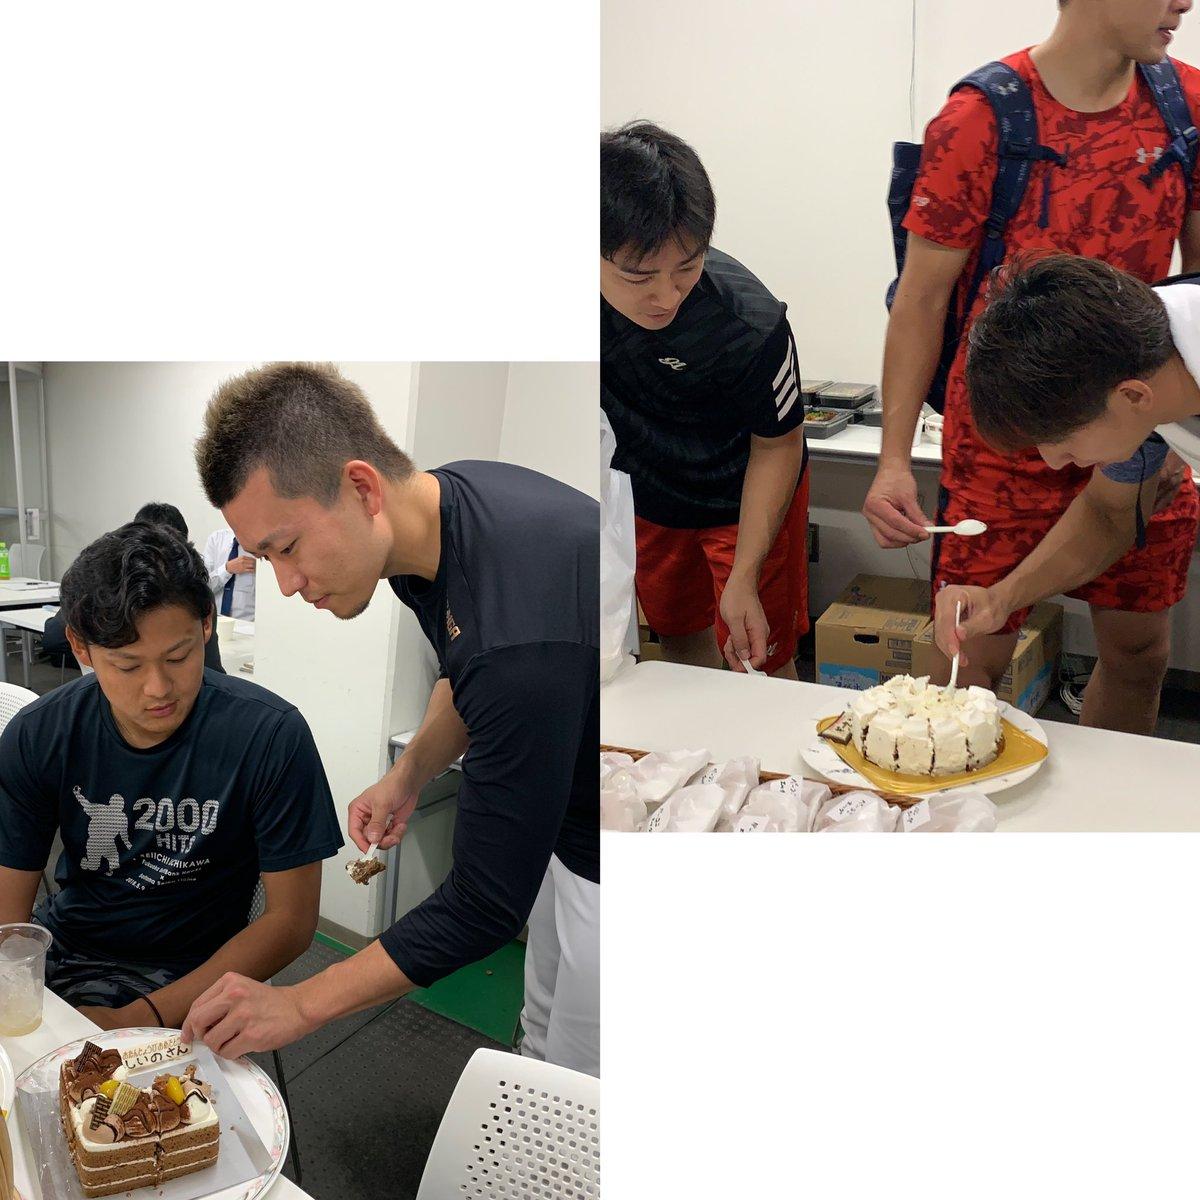 今日は岩嵜投手のお誕生日ですが… CSファイナルステージ中、2選手が誕生日を迎えました。当日にはいつもお世話になっているメットライフドームビジターサロンの皆さんからお祝いのケーキが☆その様子をホークス公式YouTubeに公開しました!ぜひご覧ください♪#sbhawks